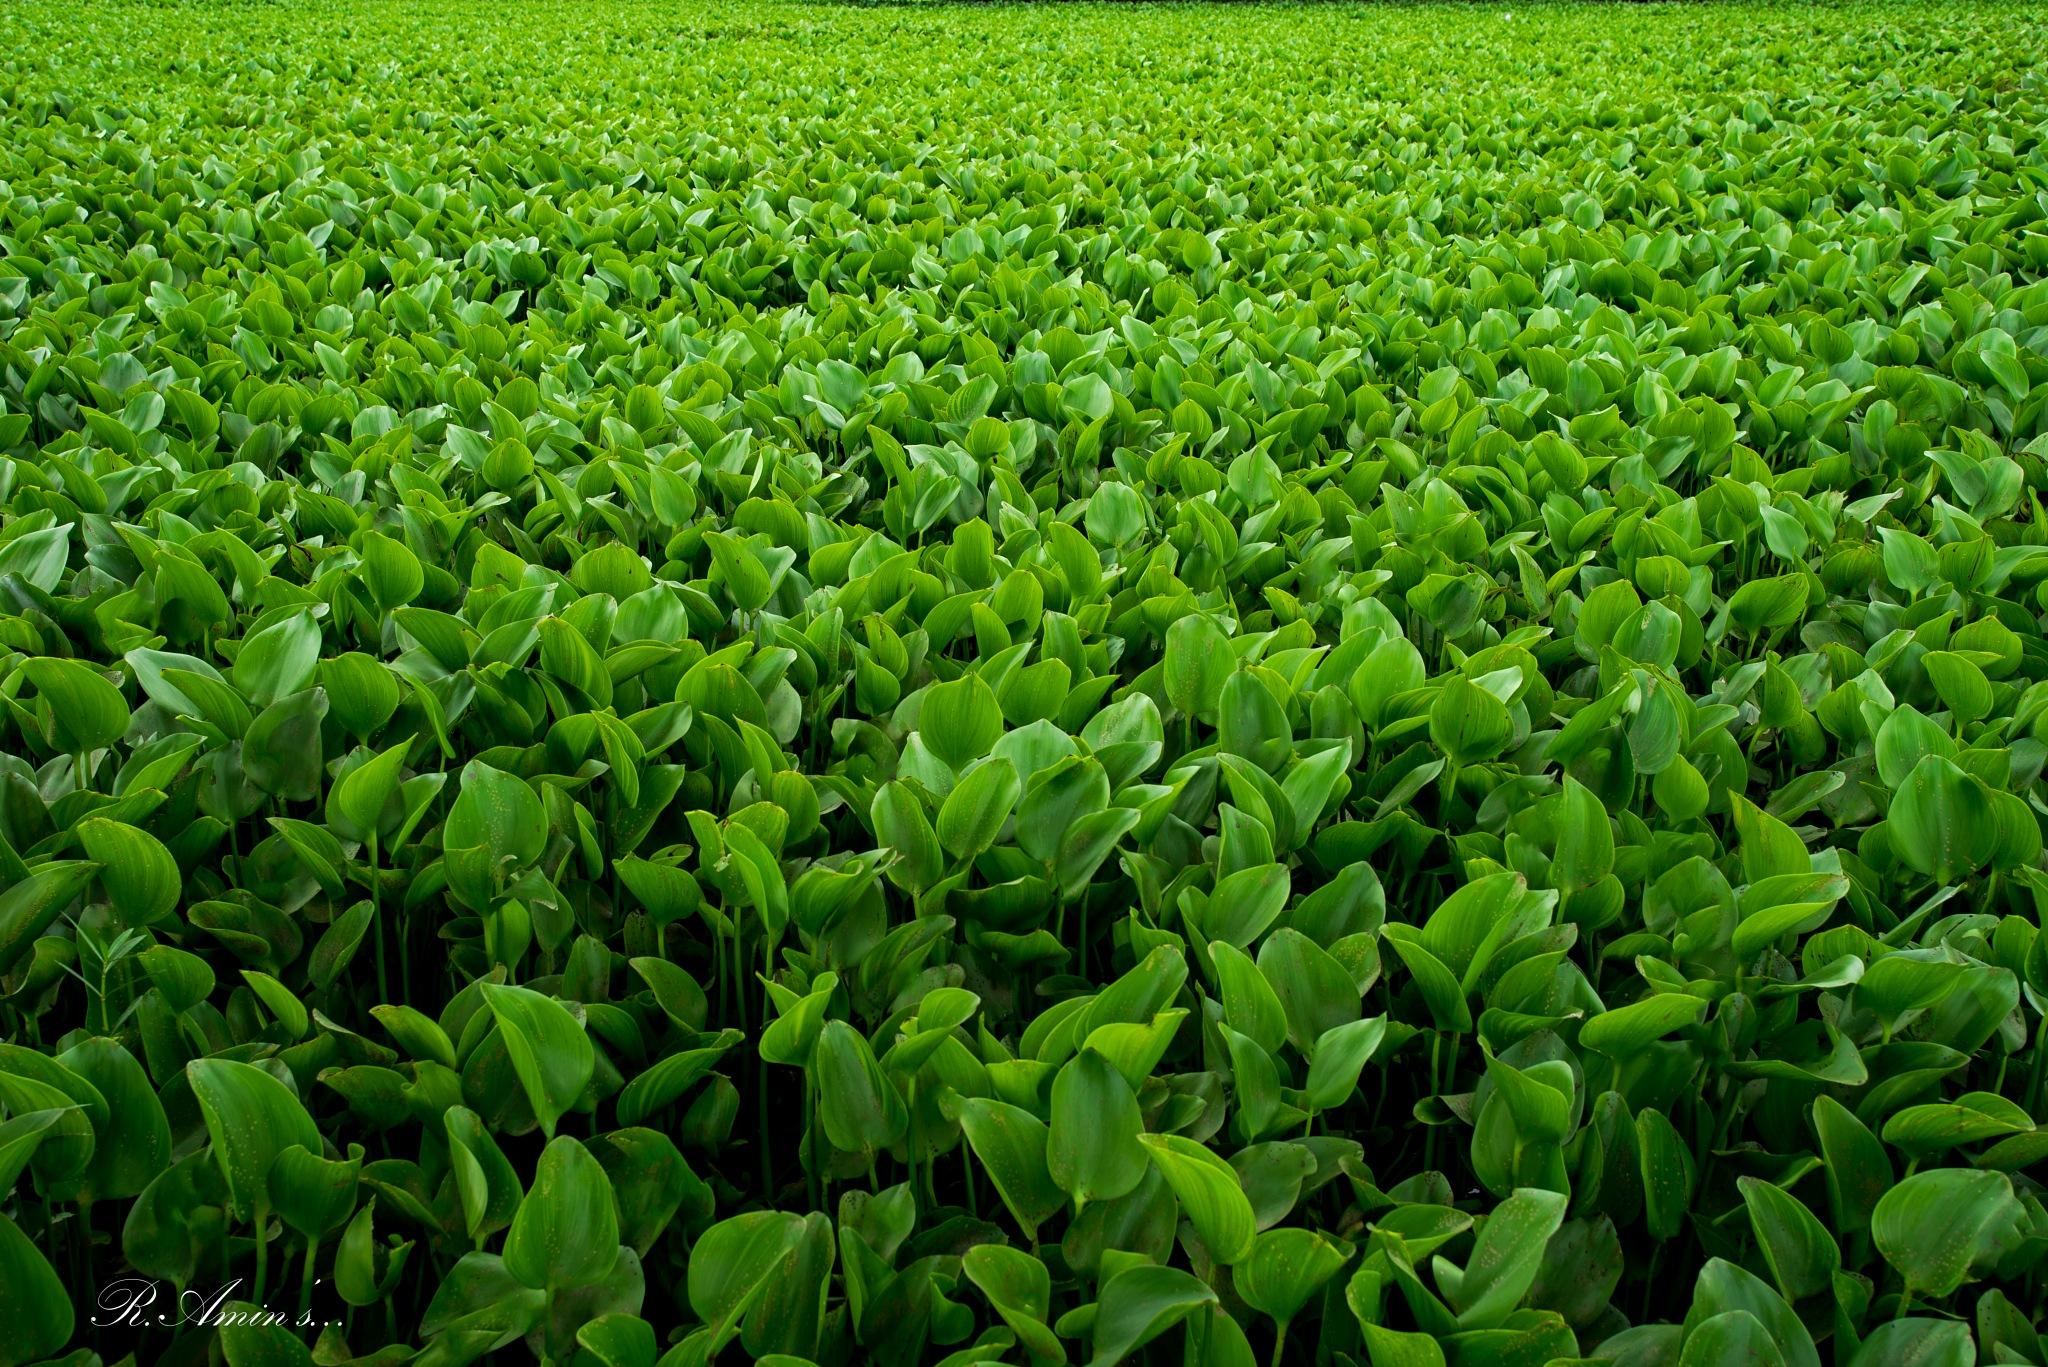 Eichhornia Plant by Md. Ruhul Amin